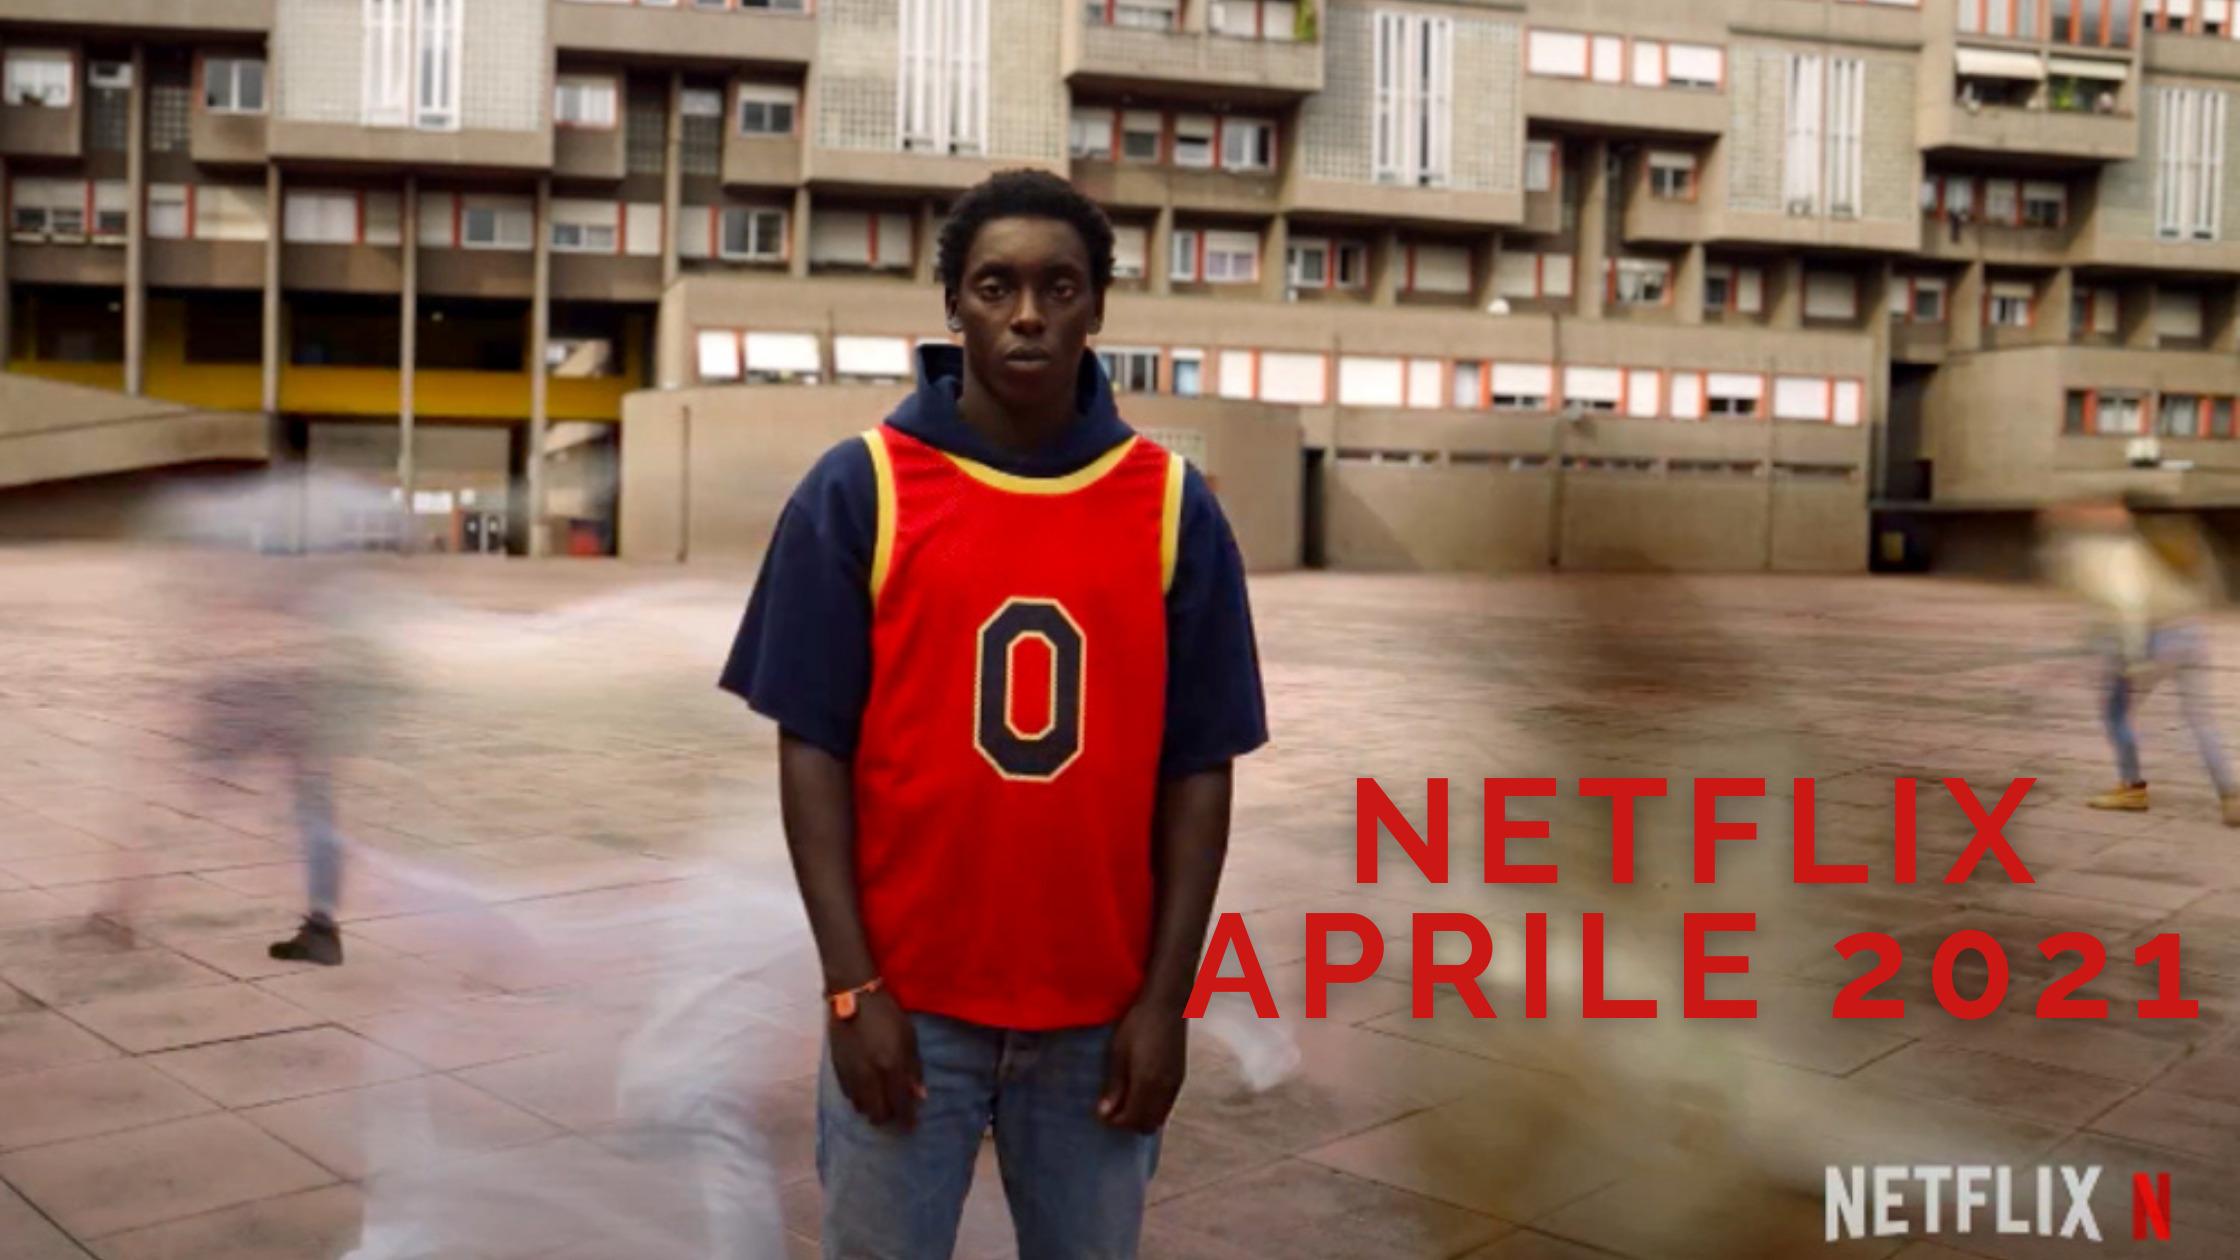 Zero Netflix Aprile 2021 Nuove Uscite